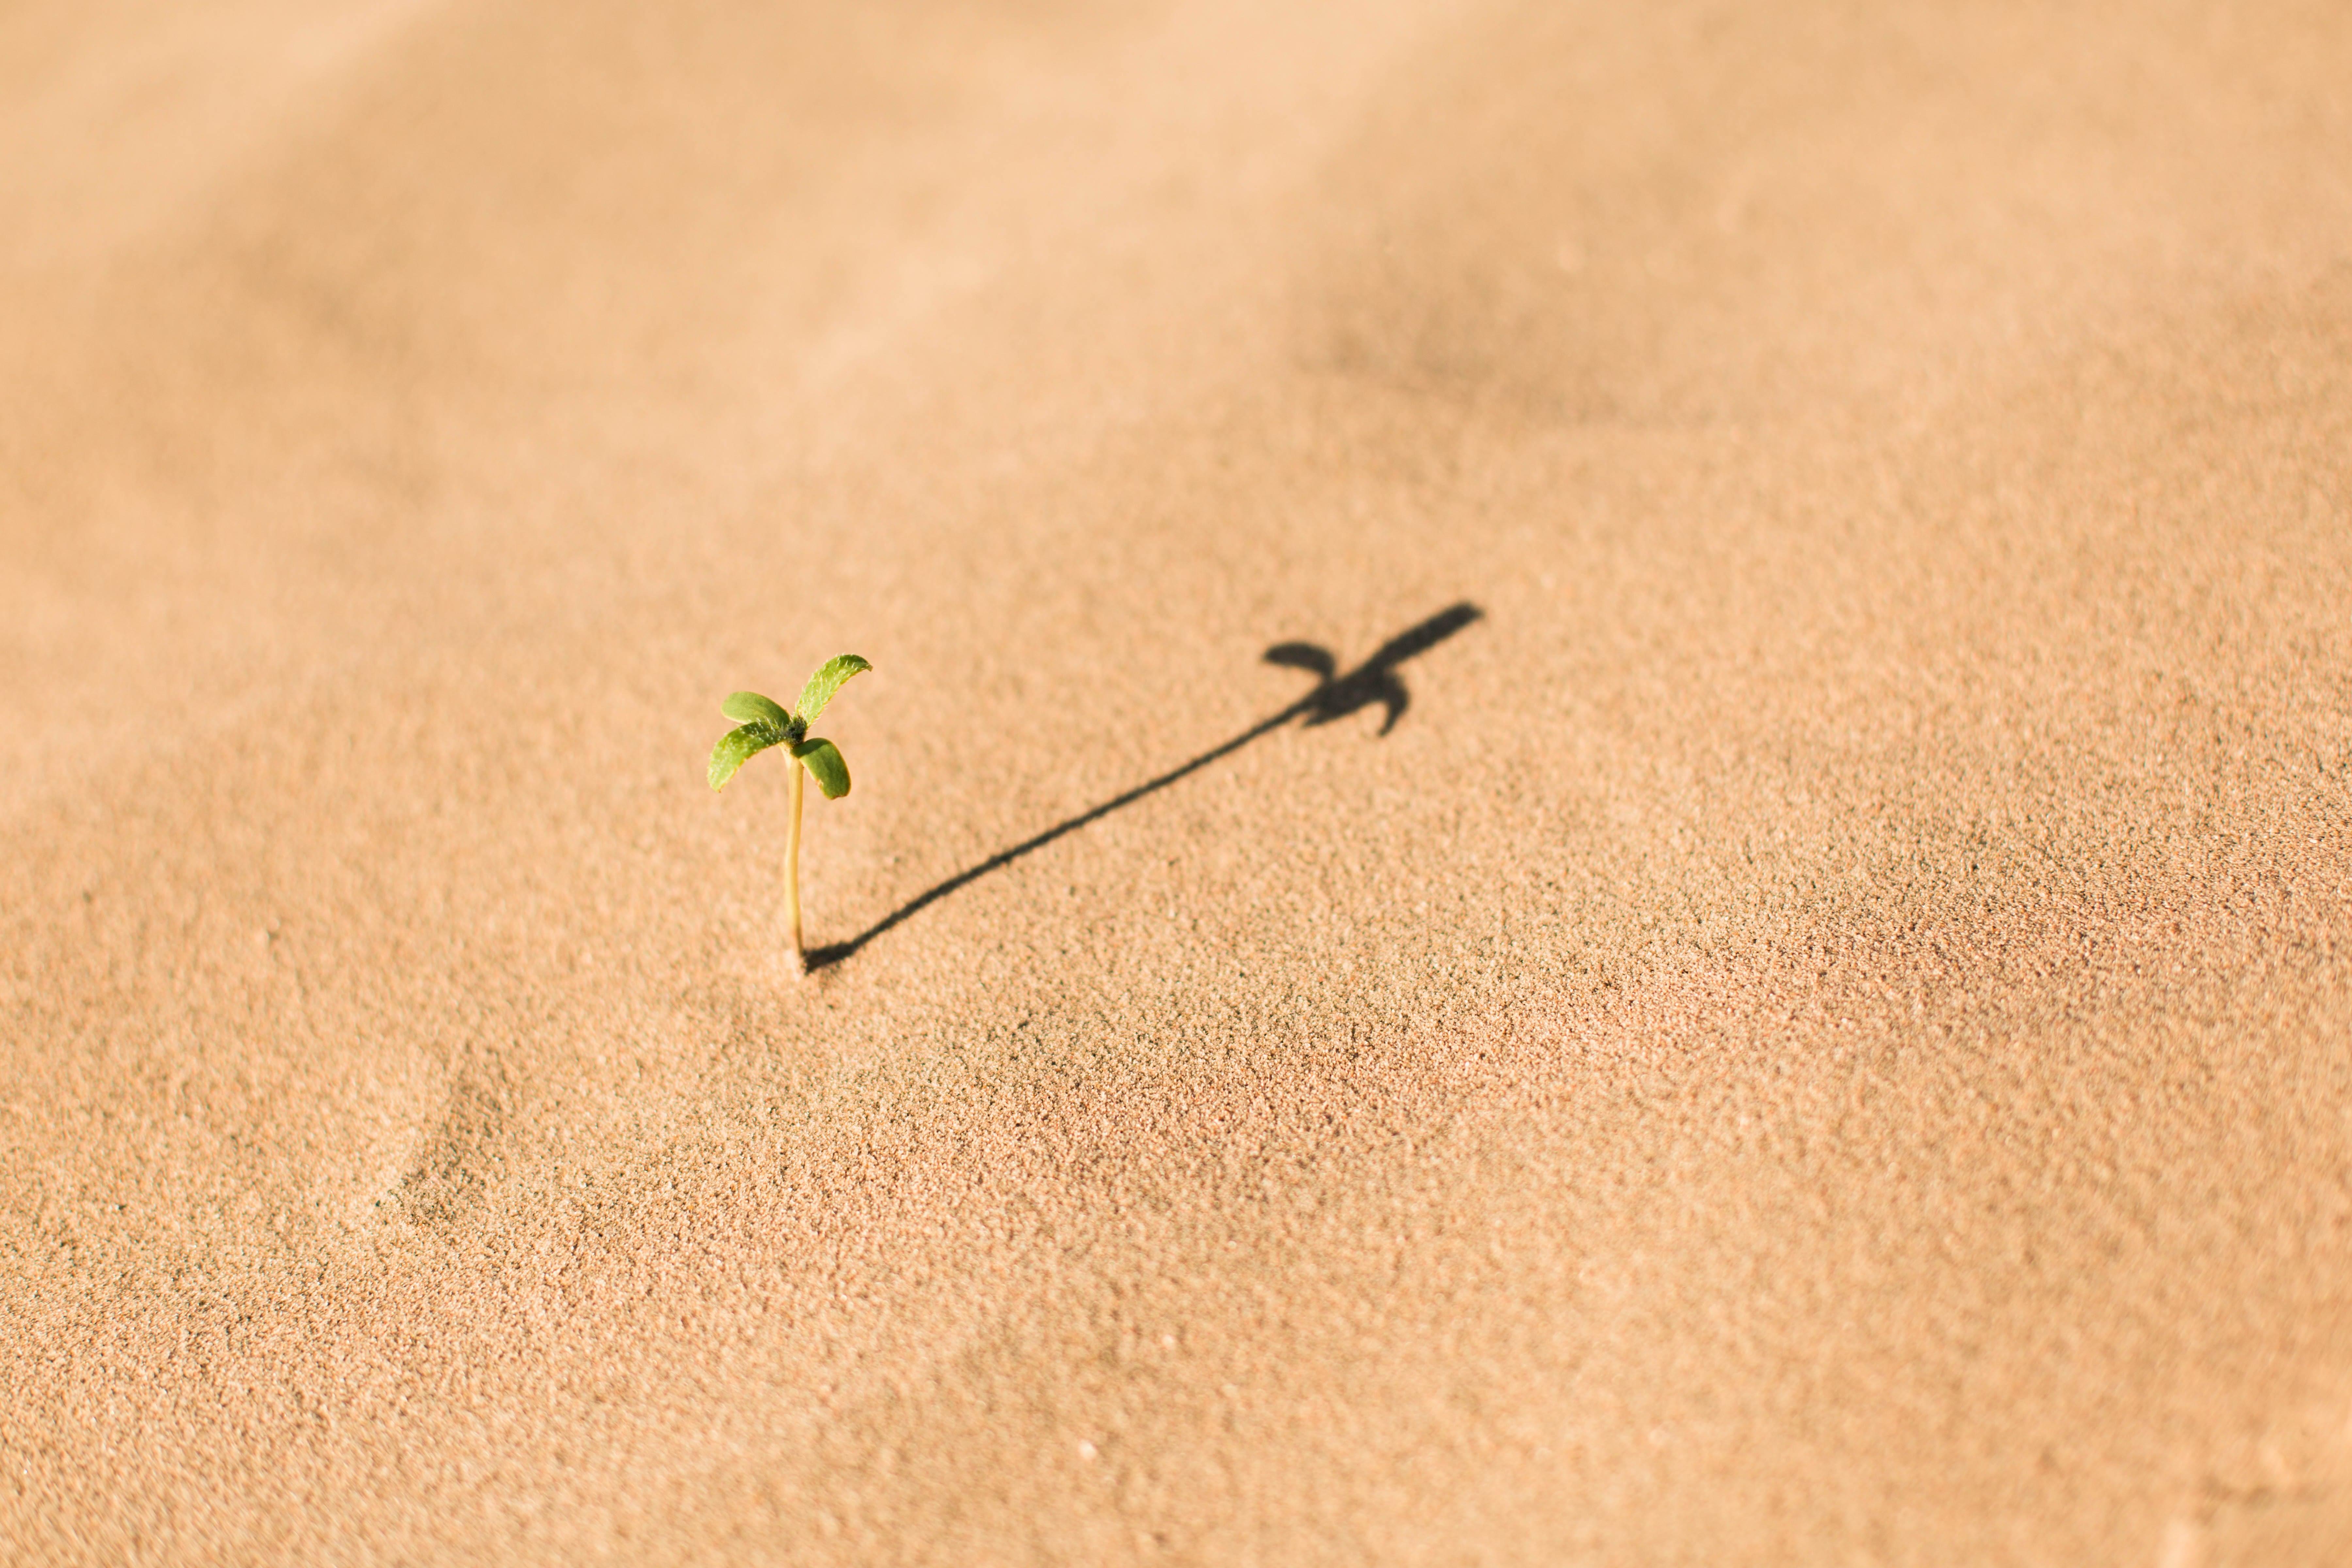 piccola piantina nata nel deserto